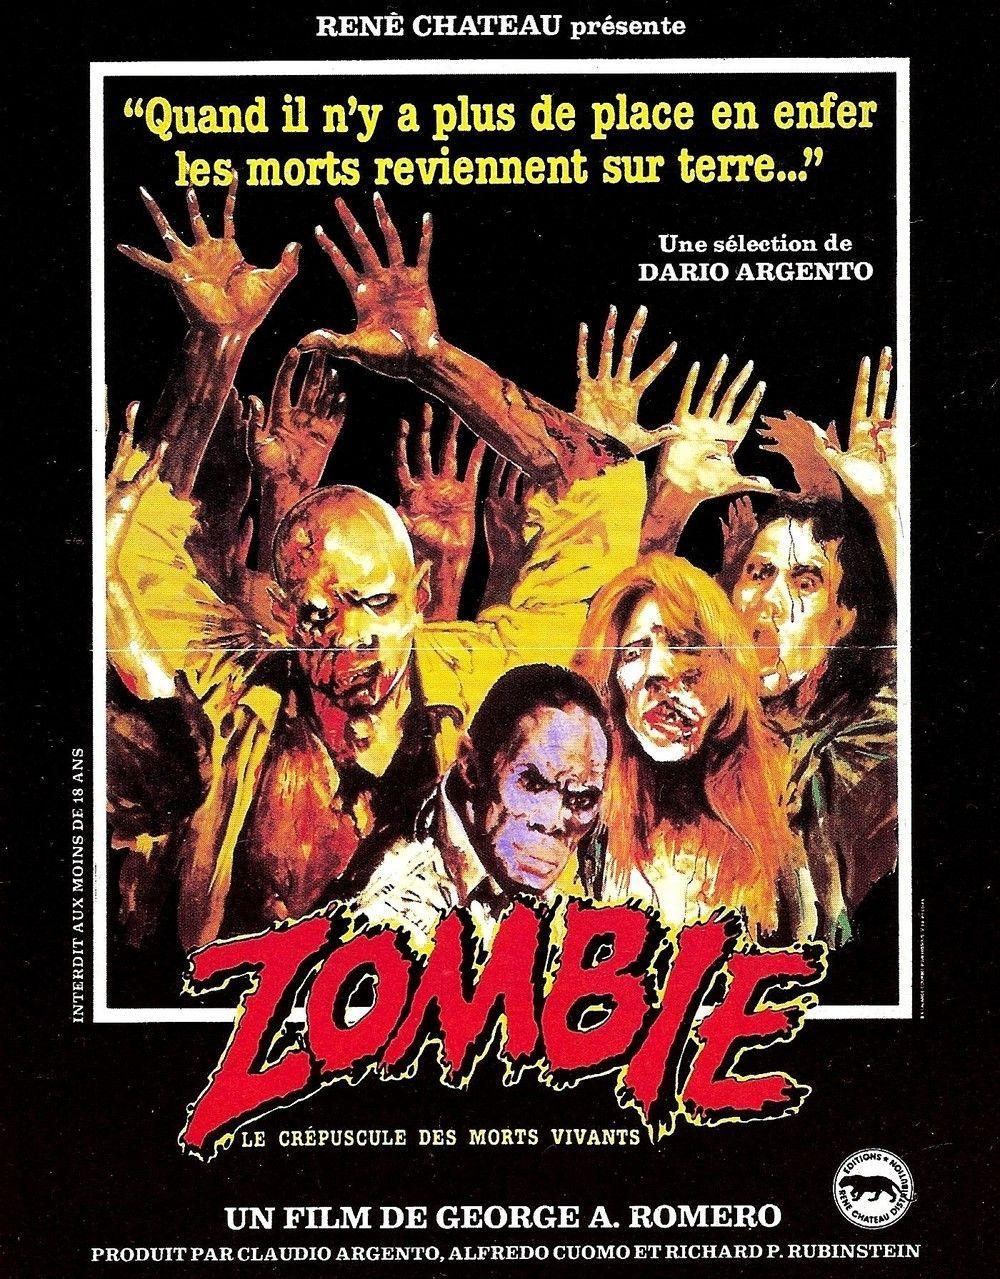 Romero père des films de Zombie est mort